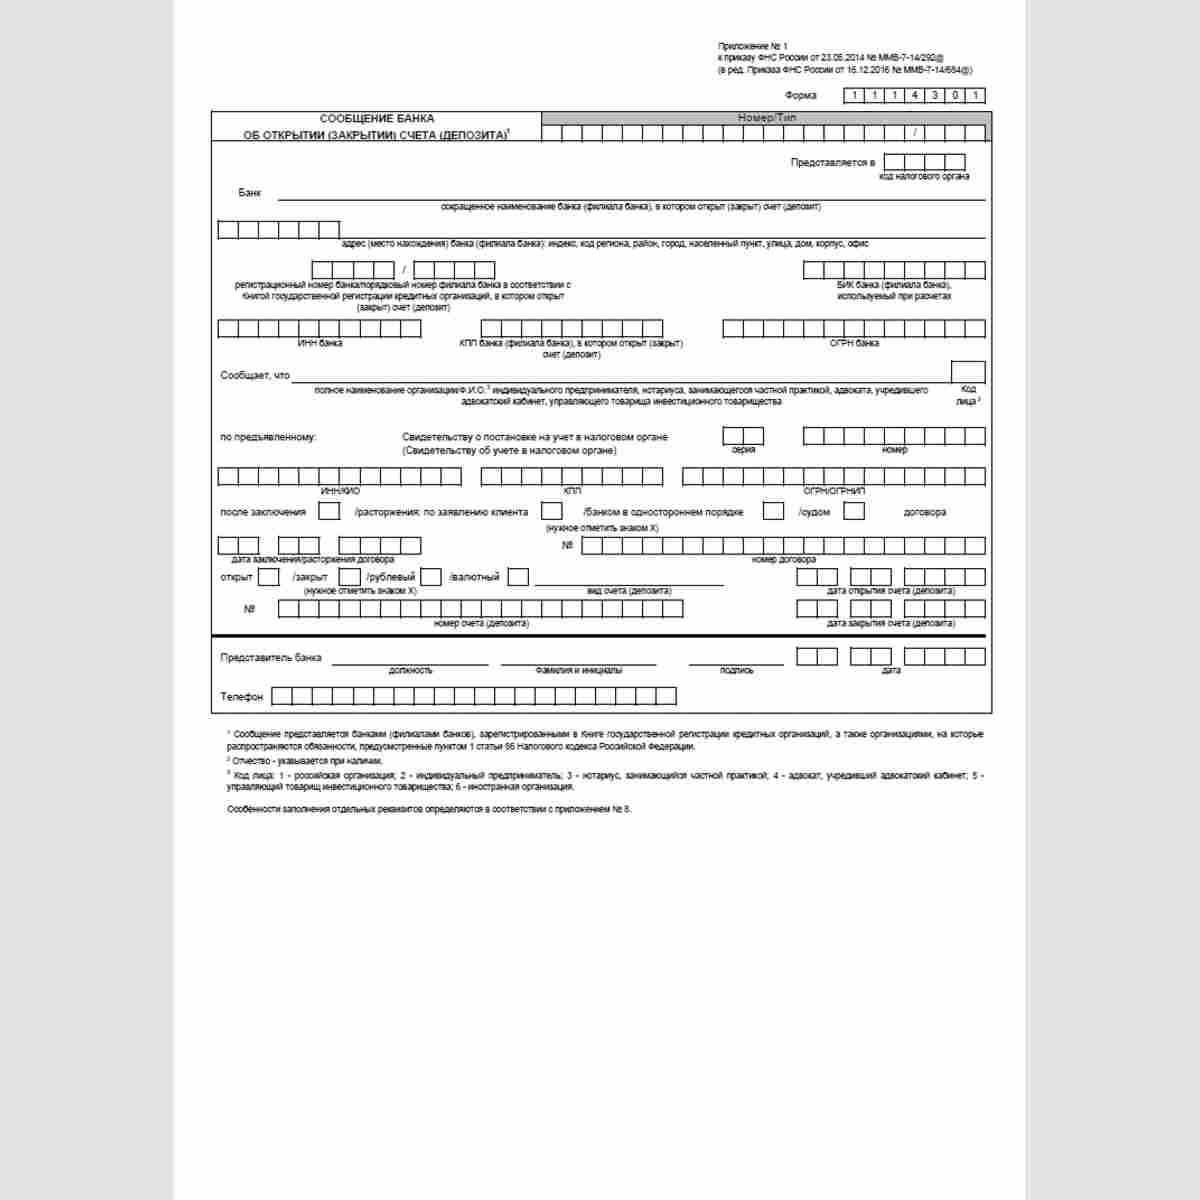 """Форма КНД 1114301 """"Сообщение банка об открытии (закрытии) счета (депозита)"""""""